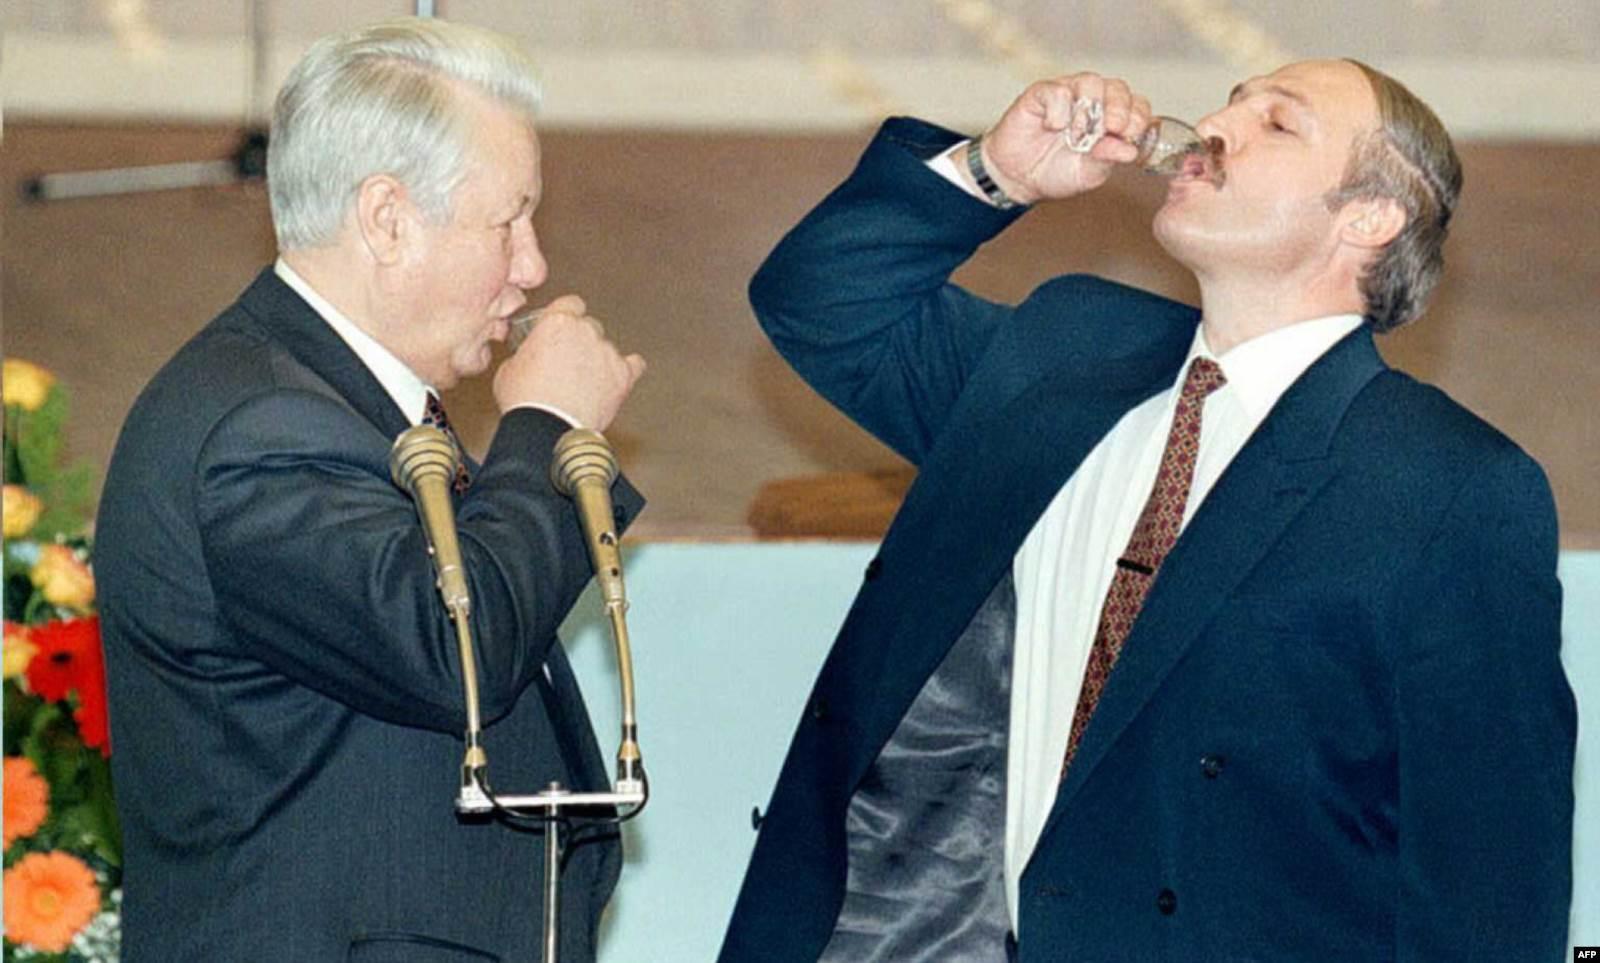 Президент России Борис Ельцин (слева) и президент Беларуси Александр Лукашенко (справа) в Кремле после подписания договора о союзе Беларуси и России. Апрель 1996 года. Фото: AFP